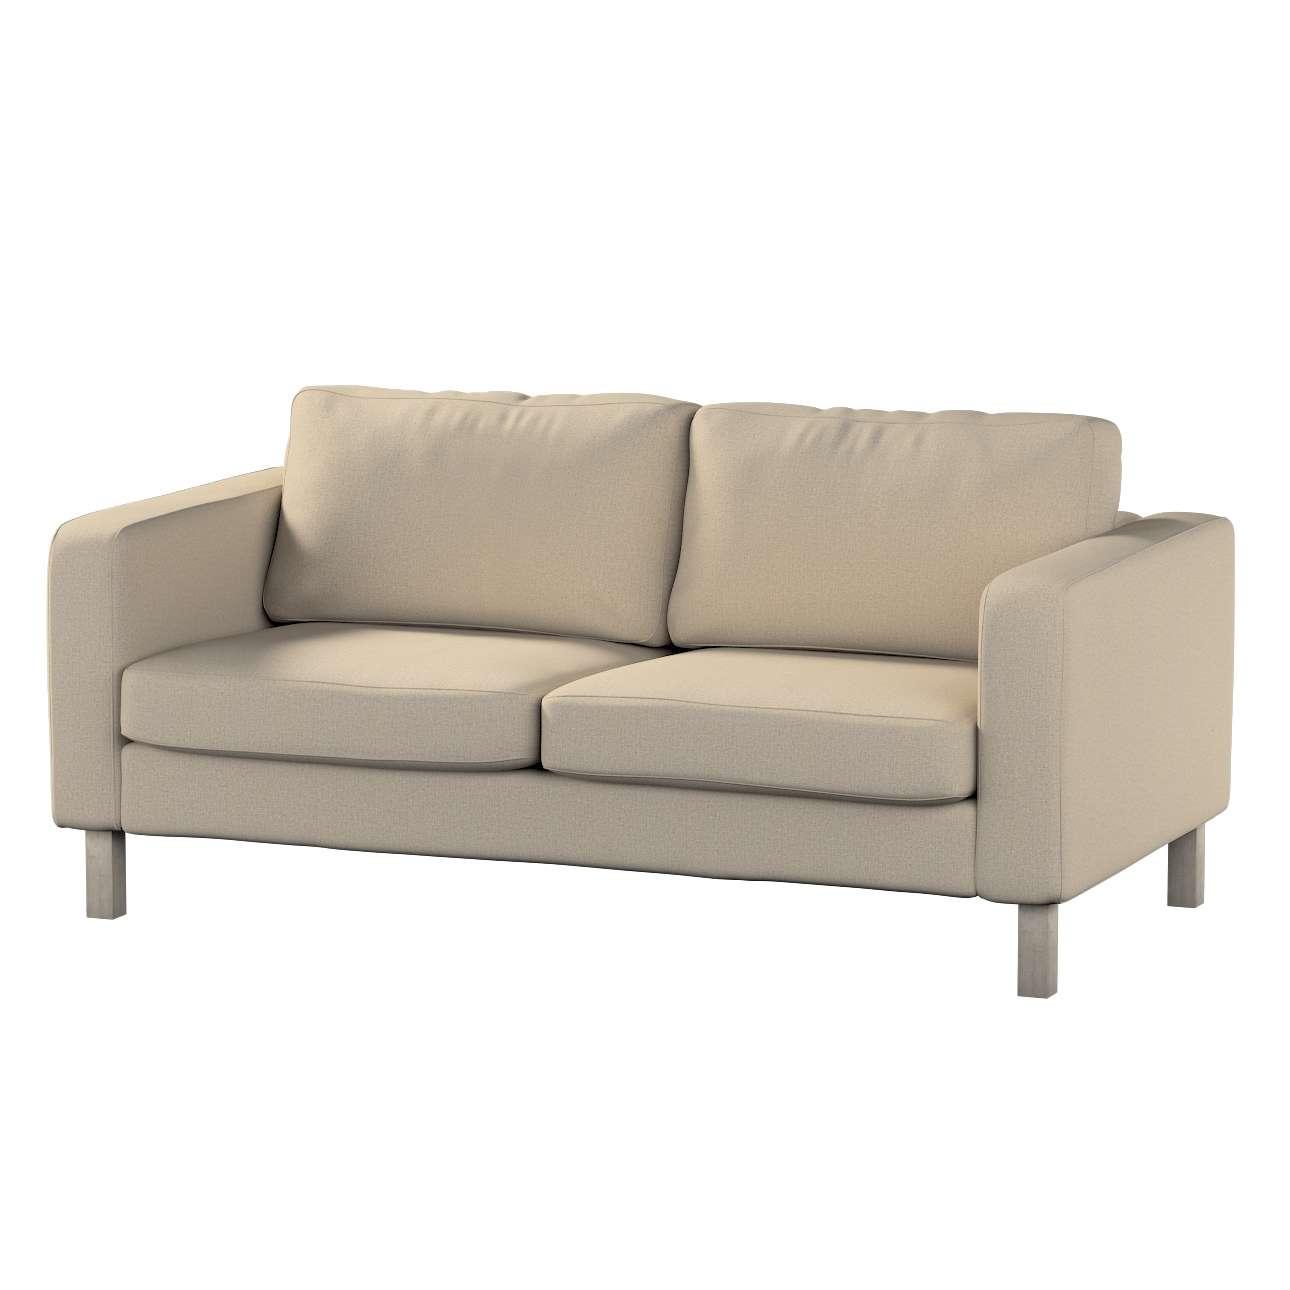 Pokrowiec na sofę Karlstad 2-osobową nierozkładaną krótki Sofa Karlstad 2-osobowa w kolekcji Edinburgh, tkanina: 115-78